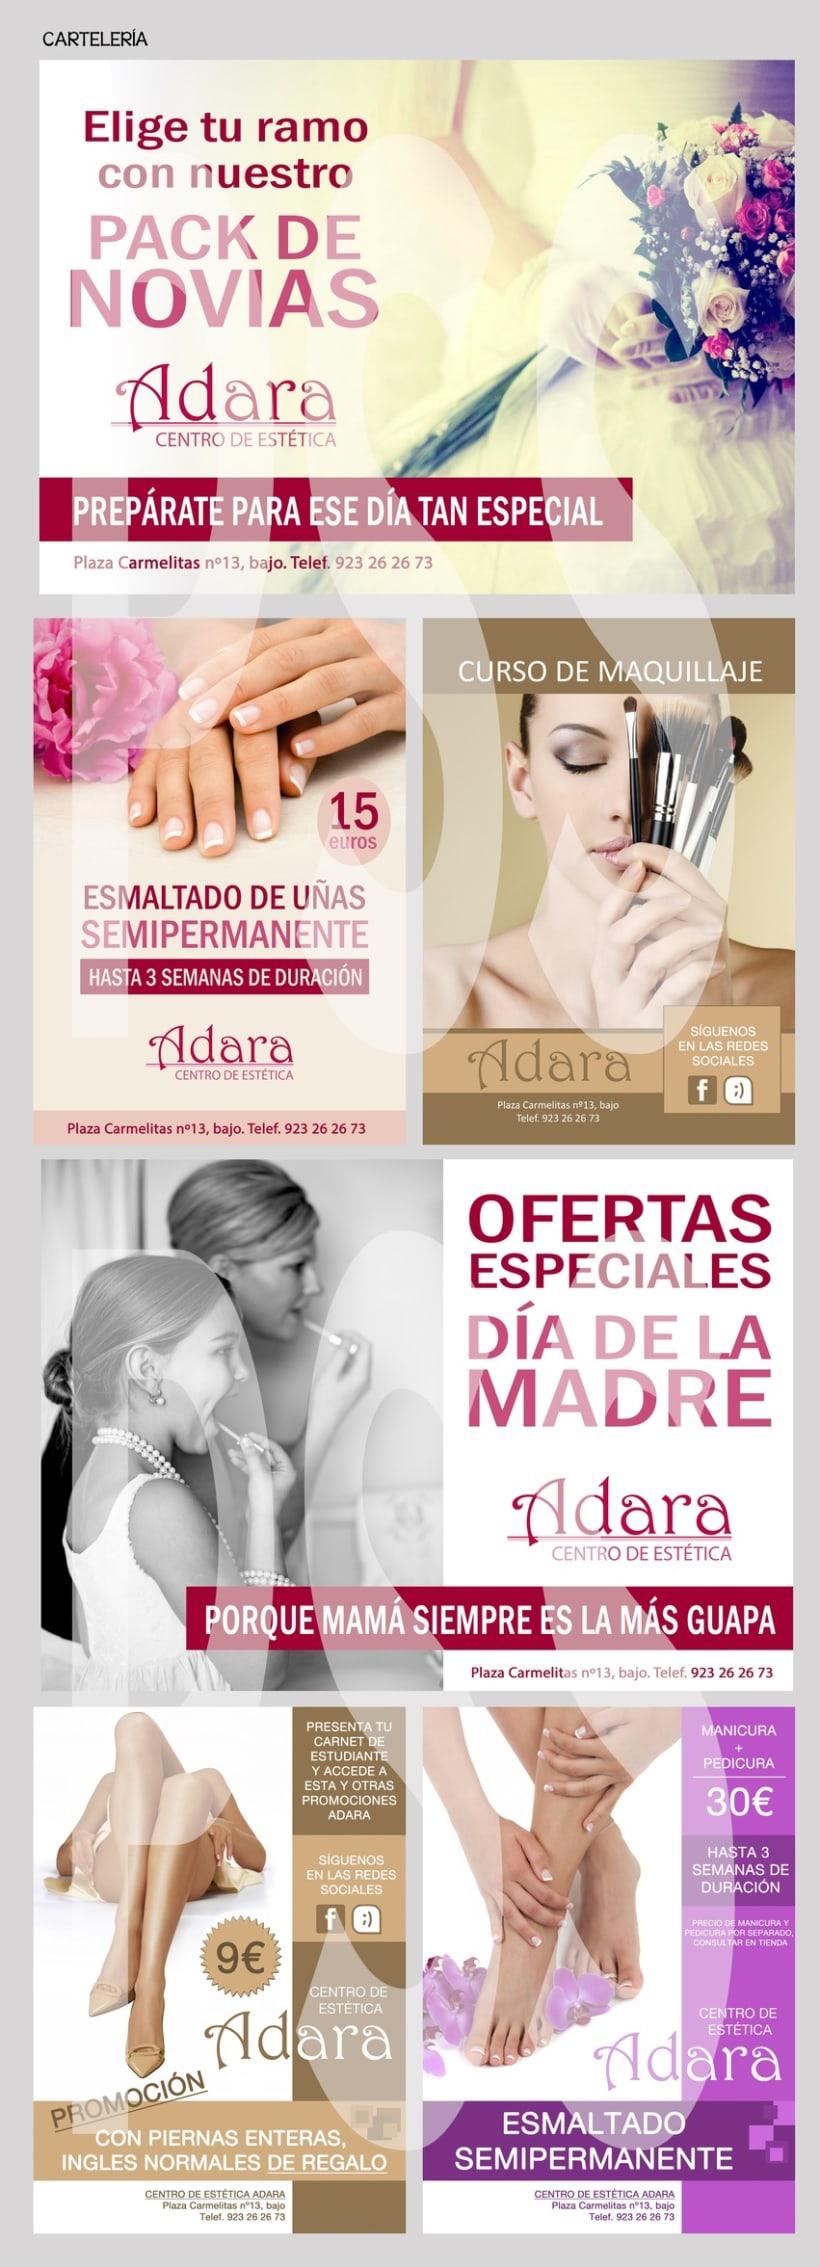 Imagen Adara, Centro de Estética 9